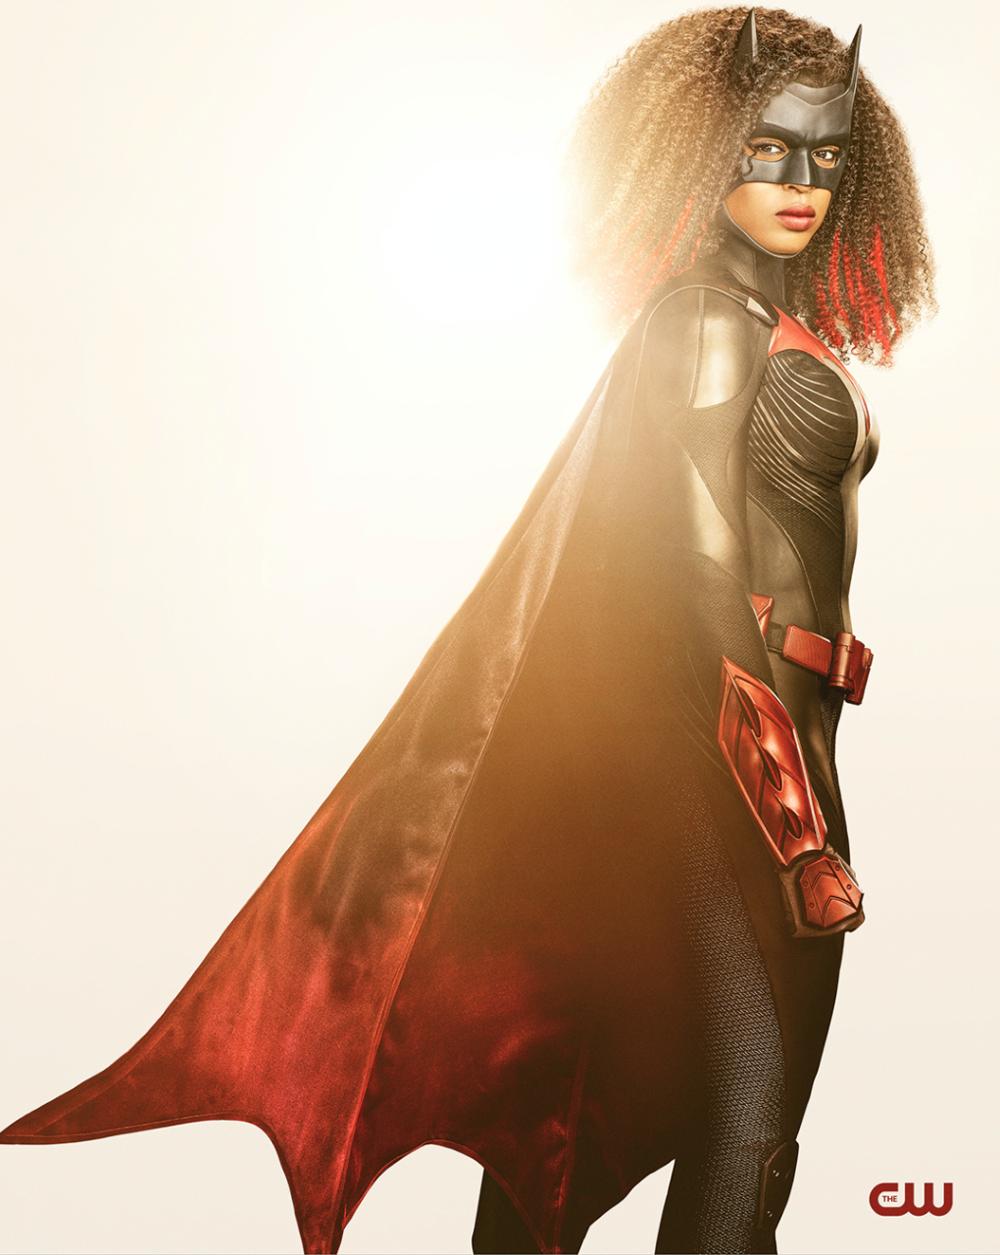 batwoman2.png